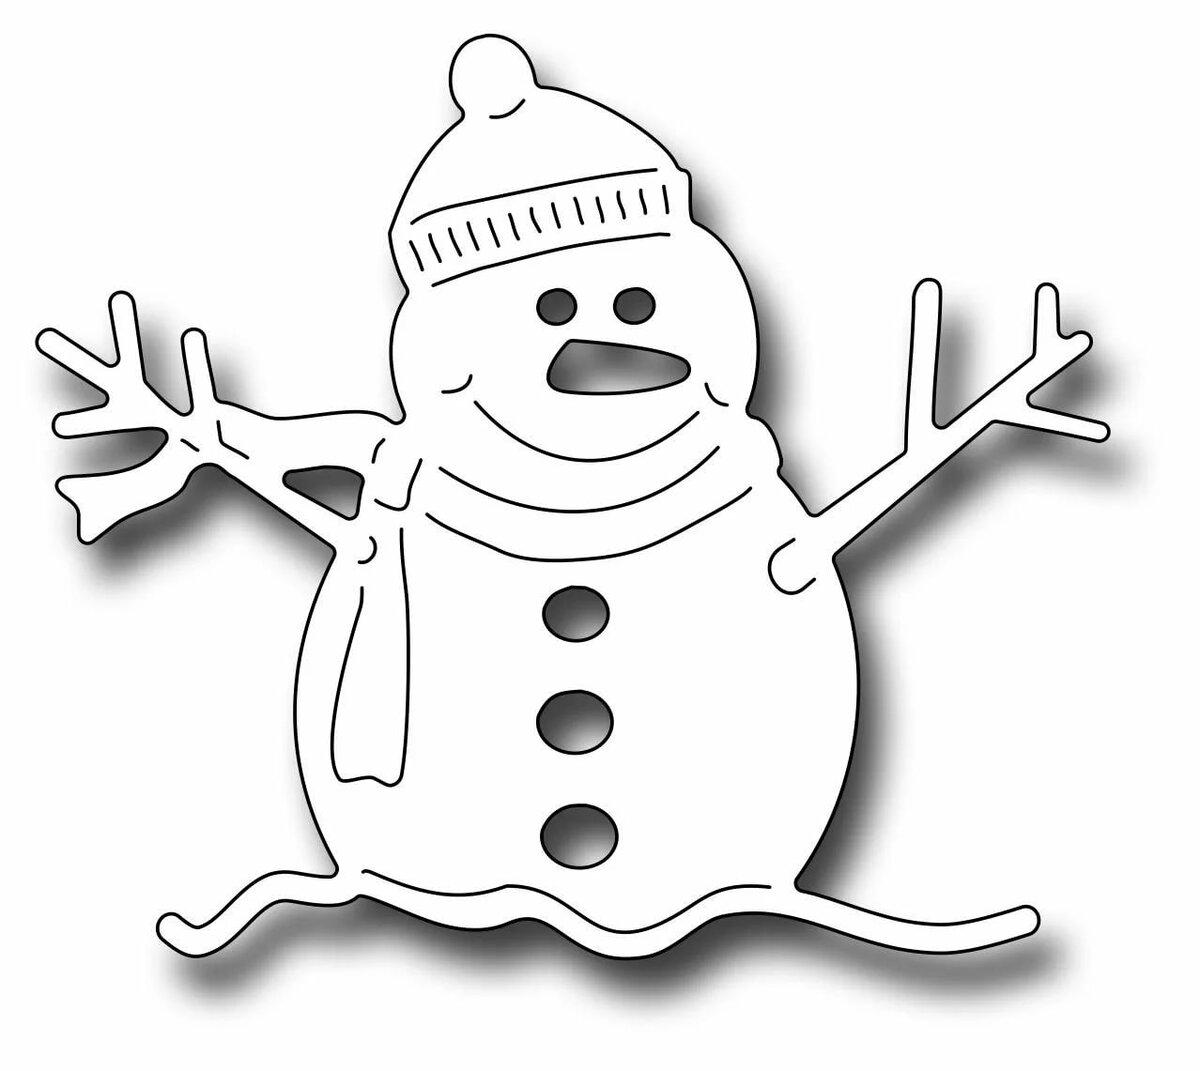 друзьями картинки снежинки дом снеговик для окон вырезать выполнен твинблока